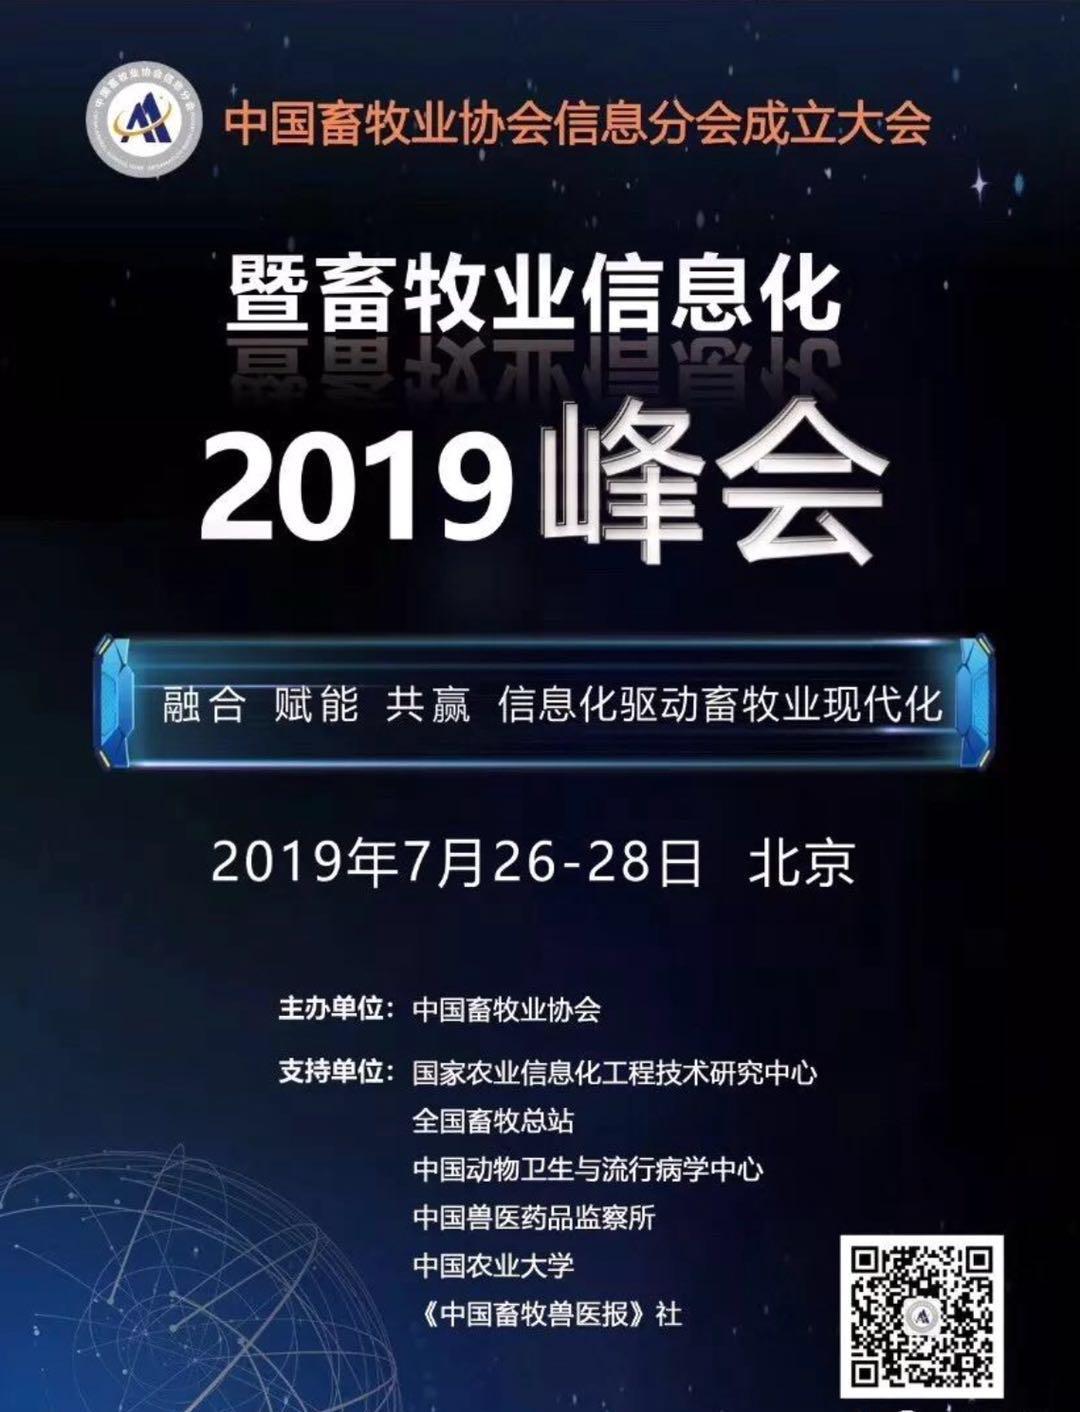 中国畜牧业协会信息分会,聚焦畜牧信息化 !